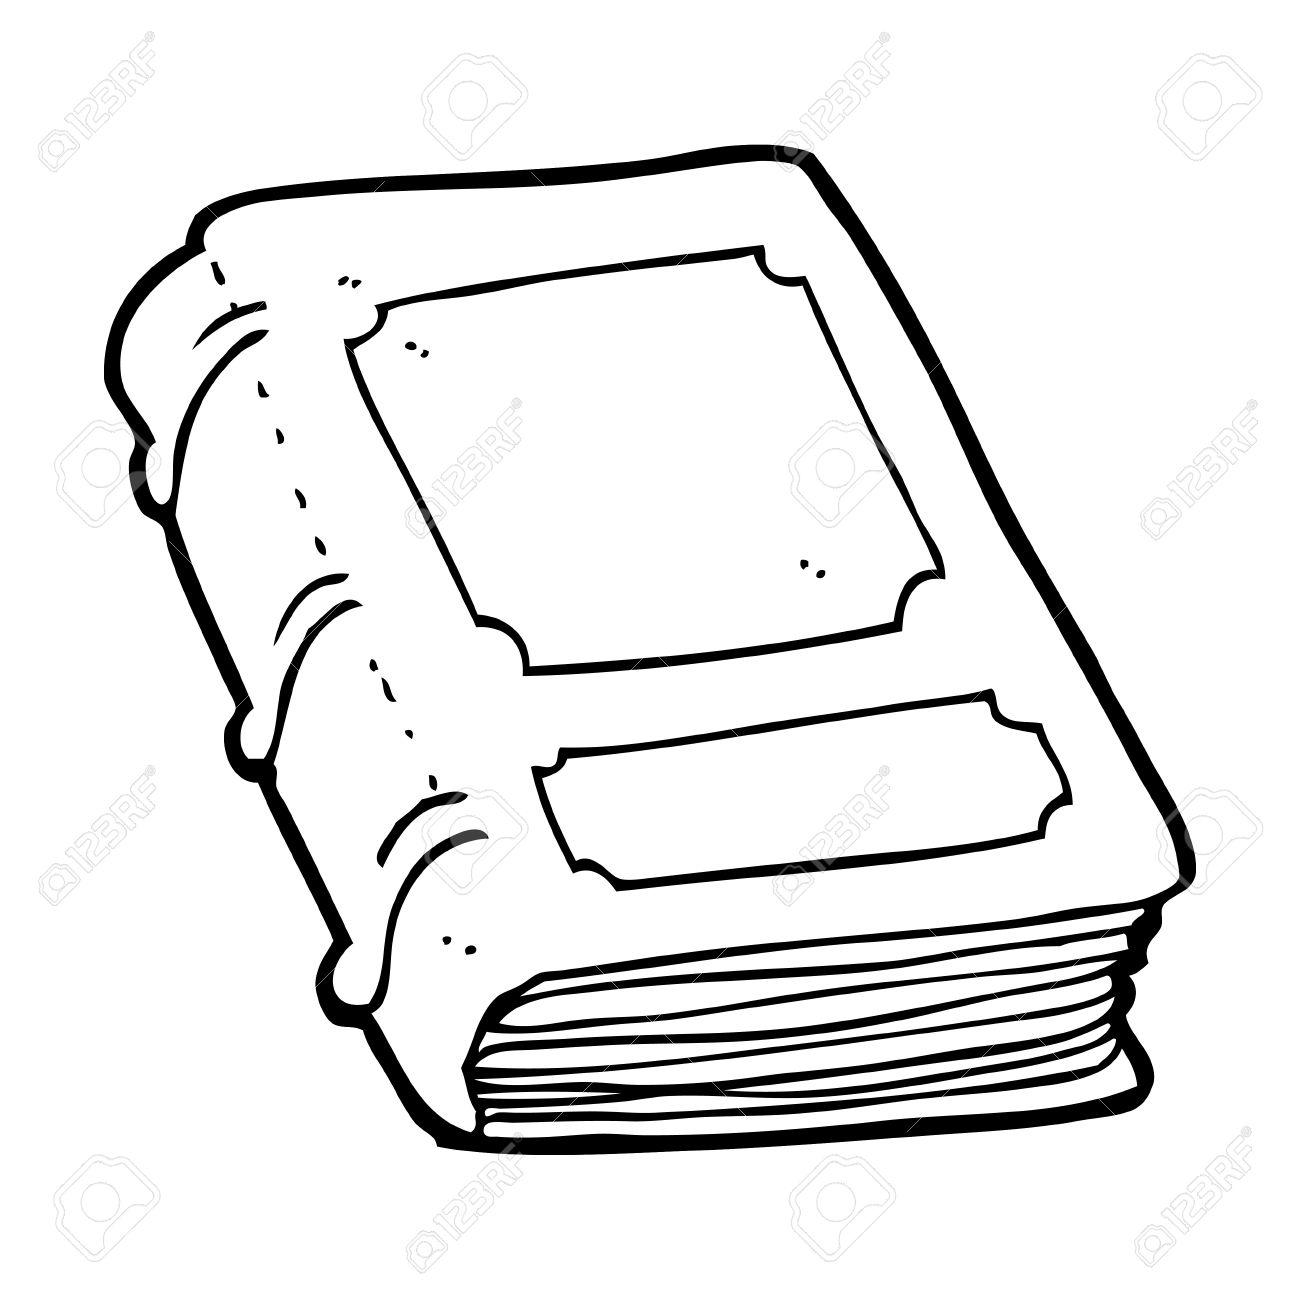 Dessin Animé Vieux Livre Clip Art Libres De Droits , Vecteurs Et  Illustration. Image 25007382.